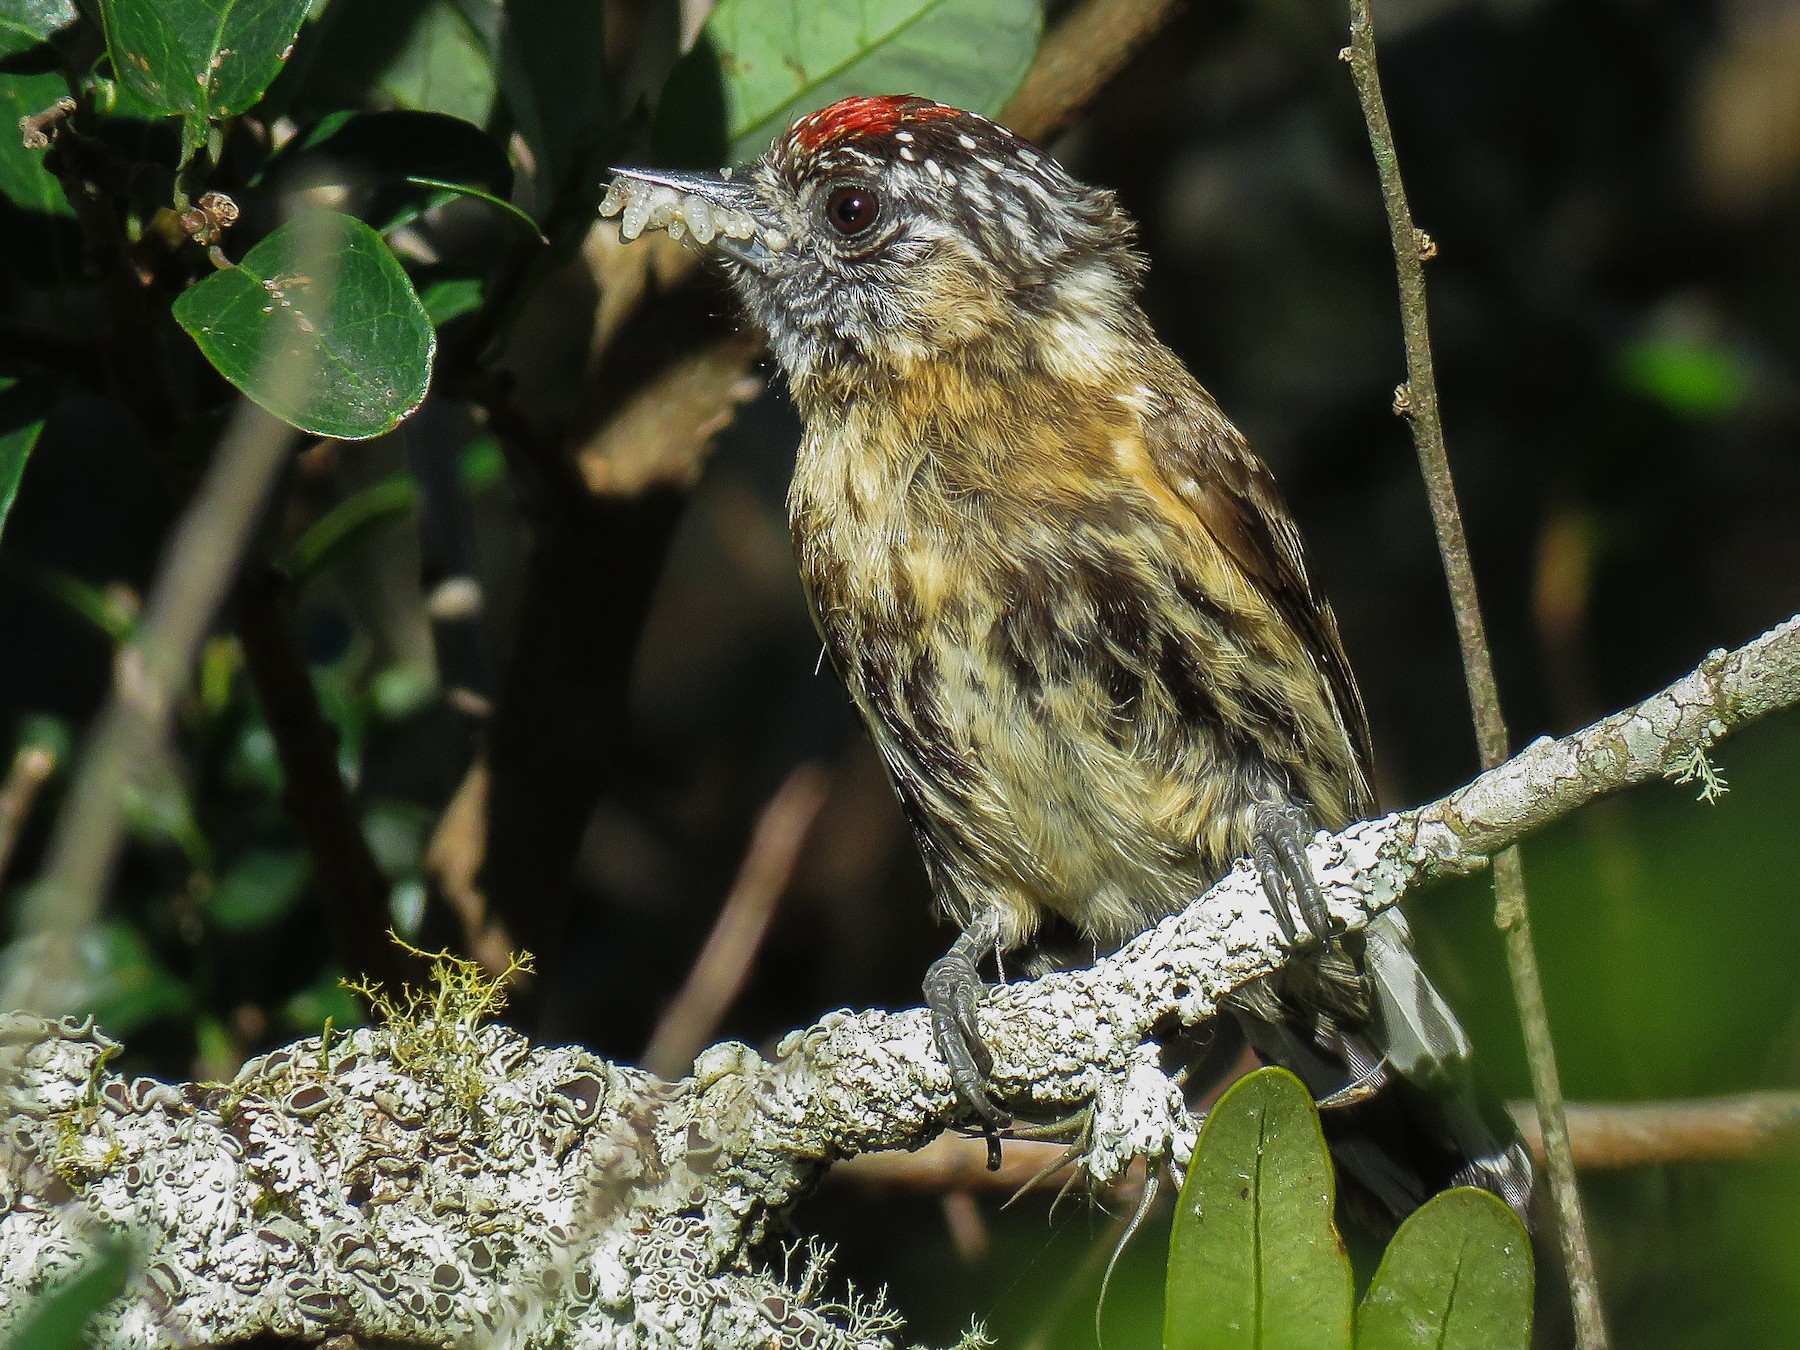 Mottled Piculet - Raphael Kurz -  Aves do Sul